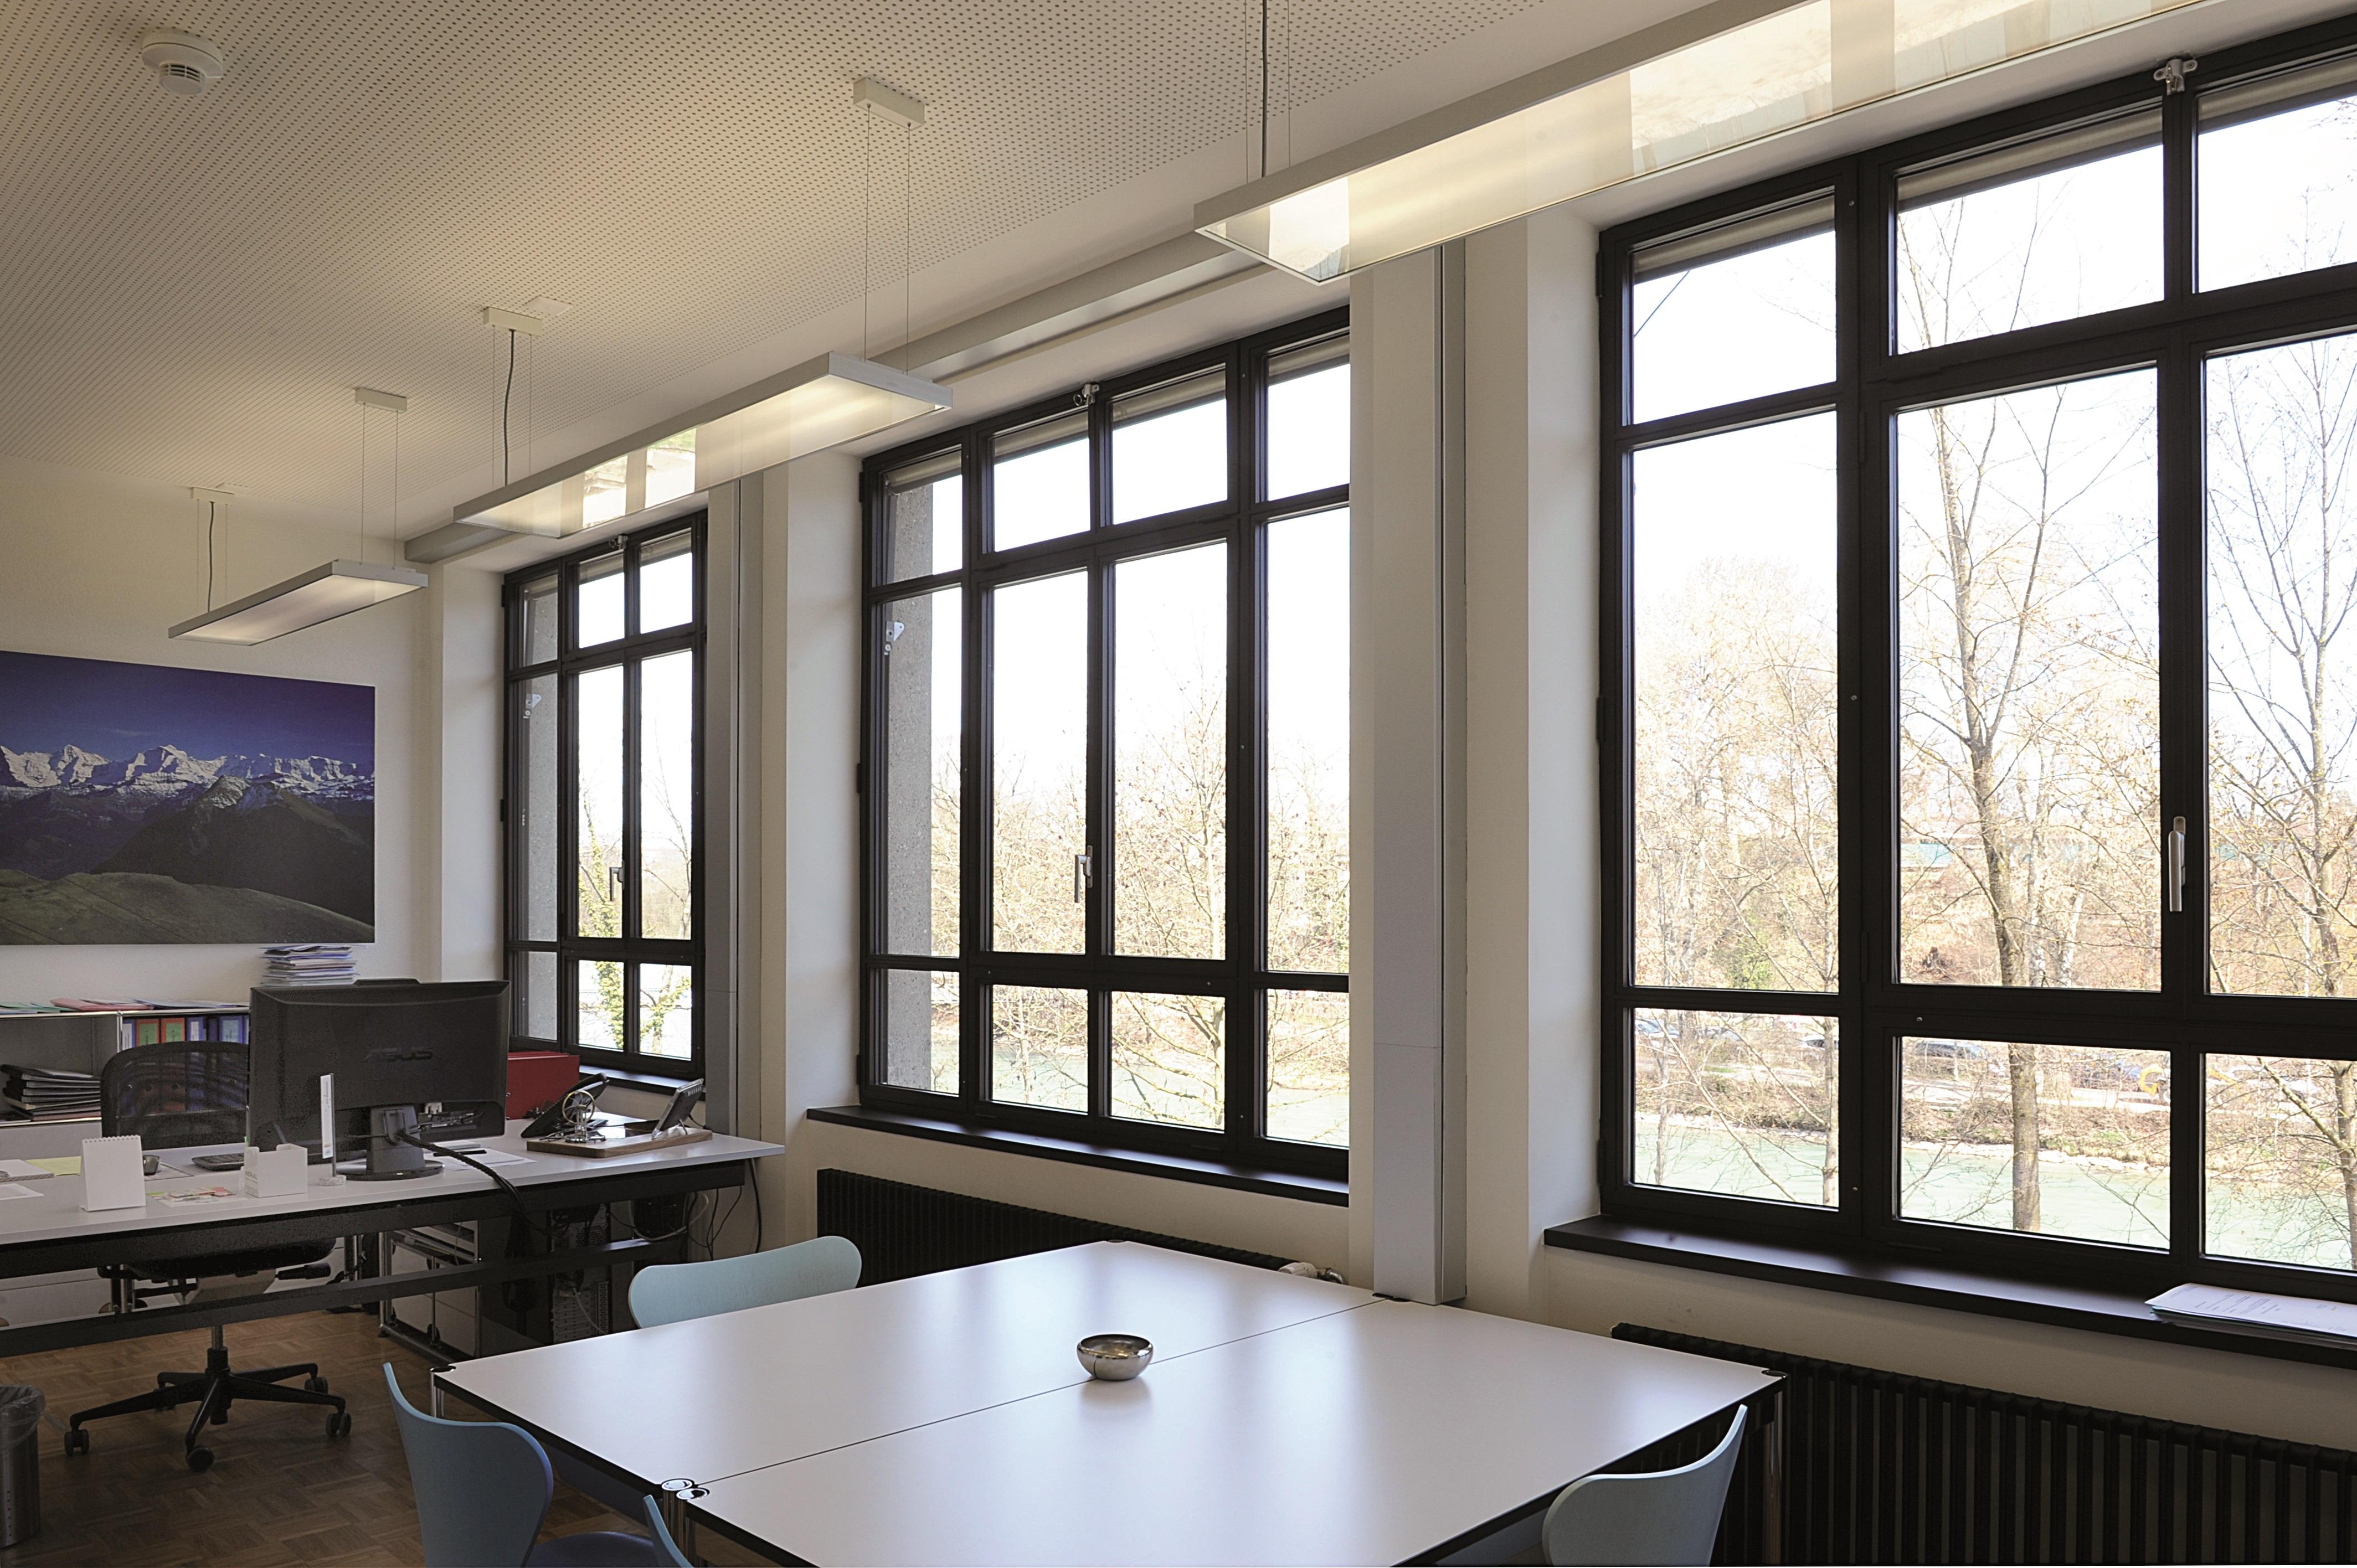 Sistemi in acciaio per finestre facciate e coperture - Sistemi antintrusione per finestre ...